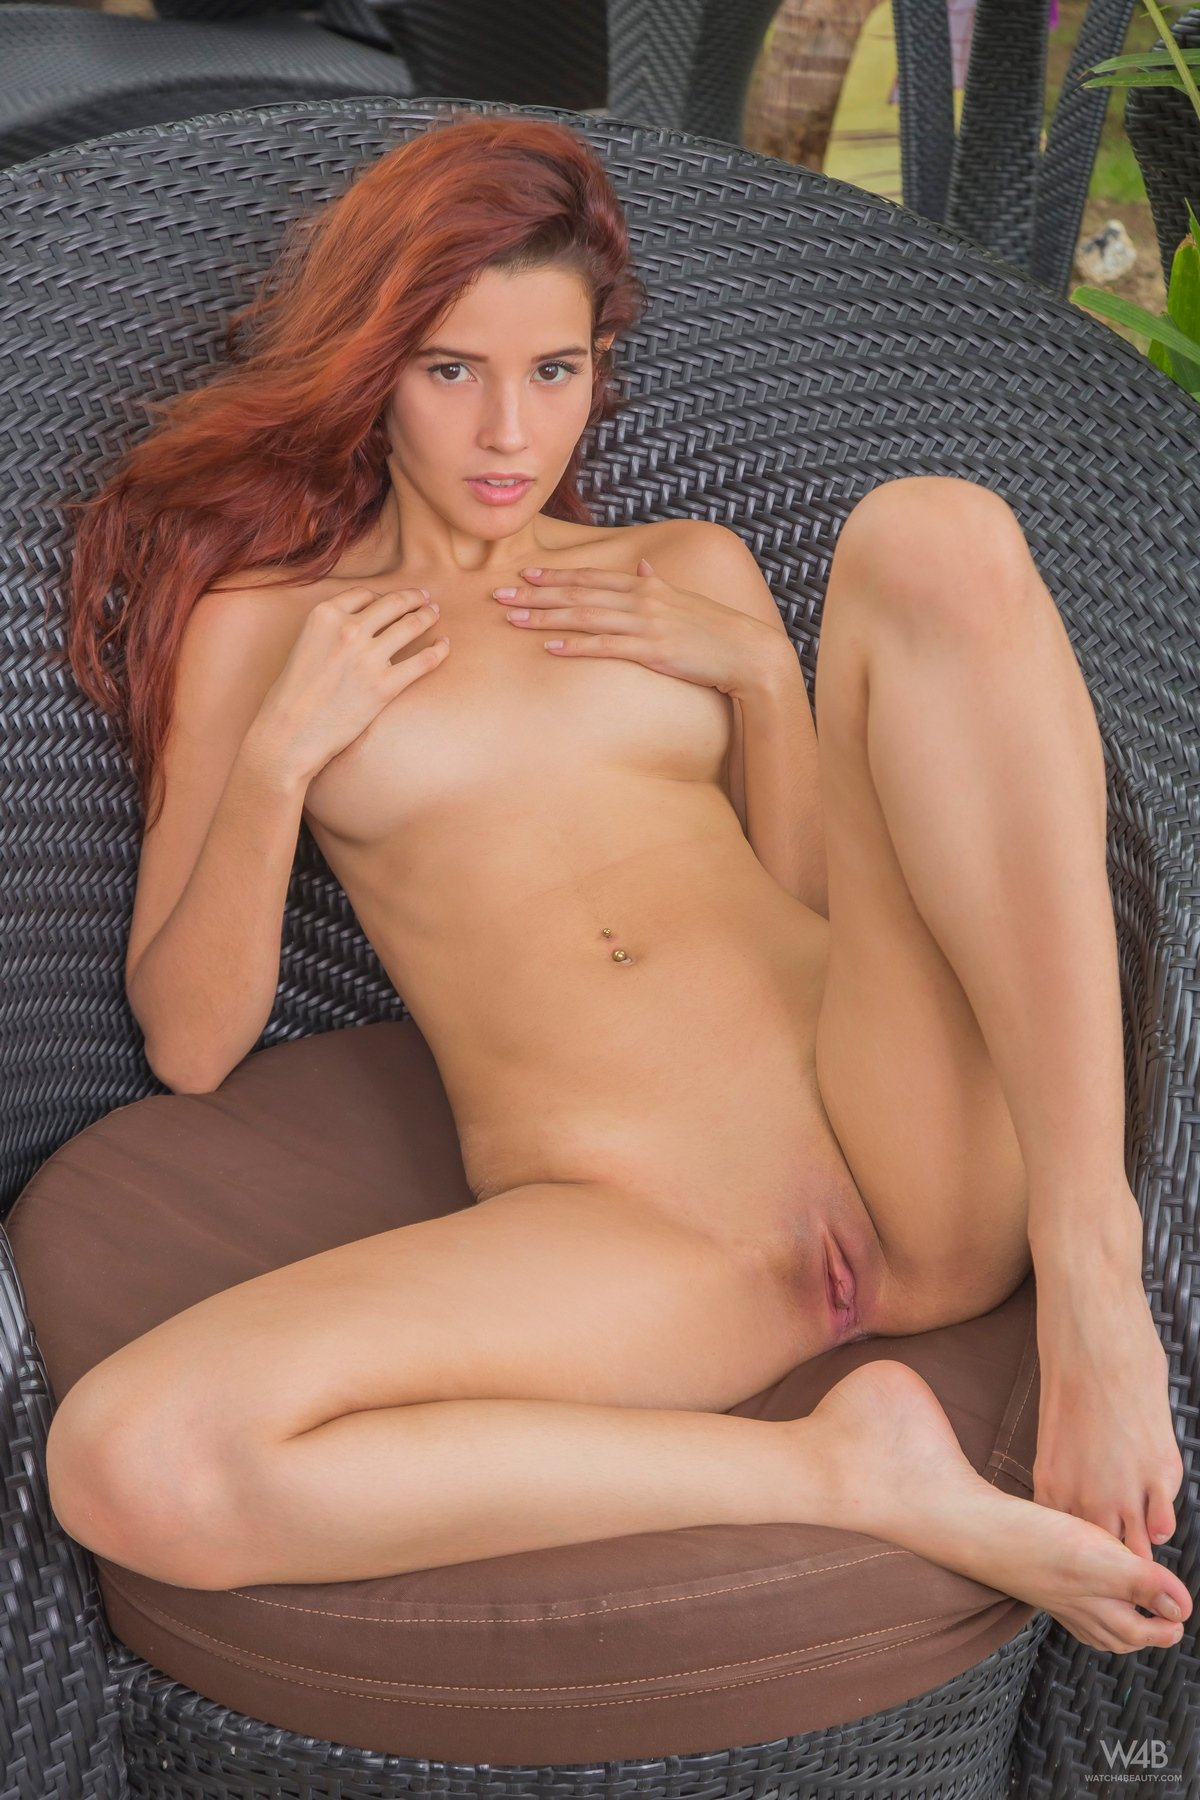 Красотка с рыжими волосами нагая на отдыхе